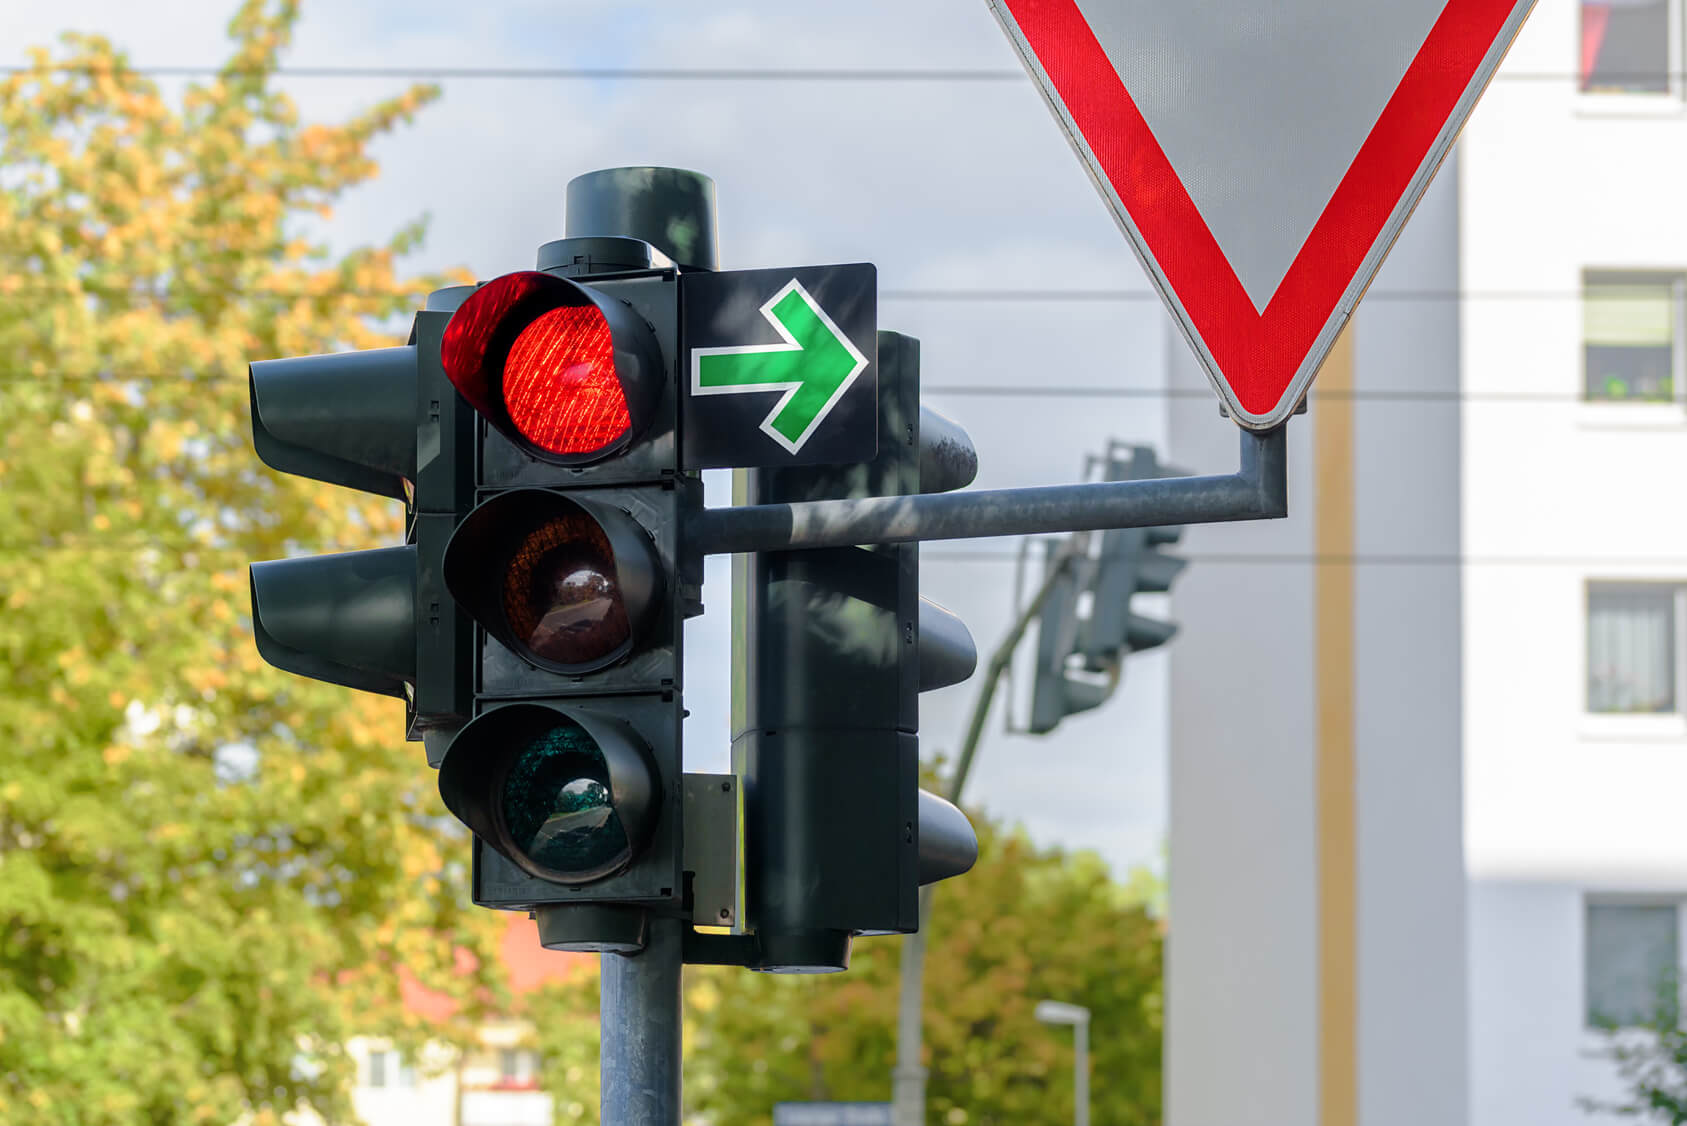 Rote Ampel mit grünem Pfeil nach rechts und einem Vorfahrt-Achten-Schild